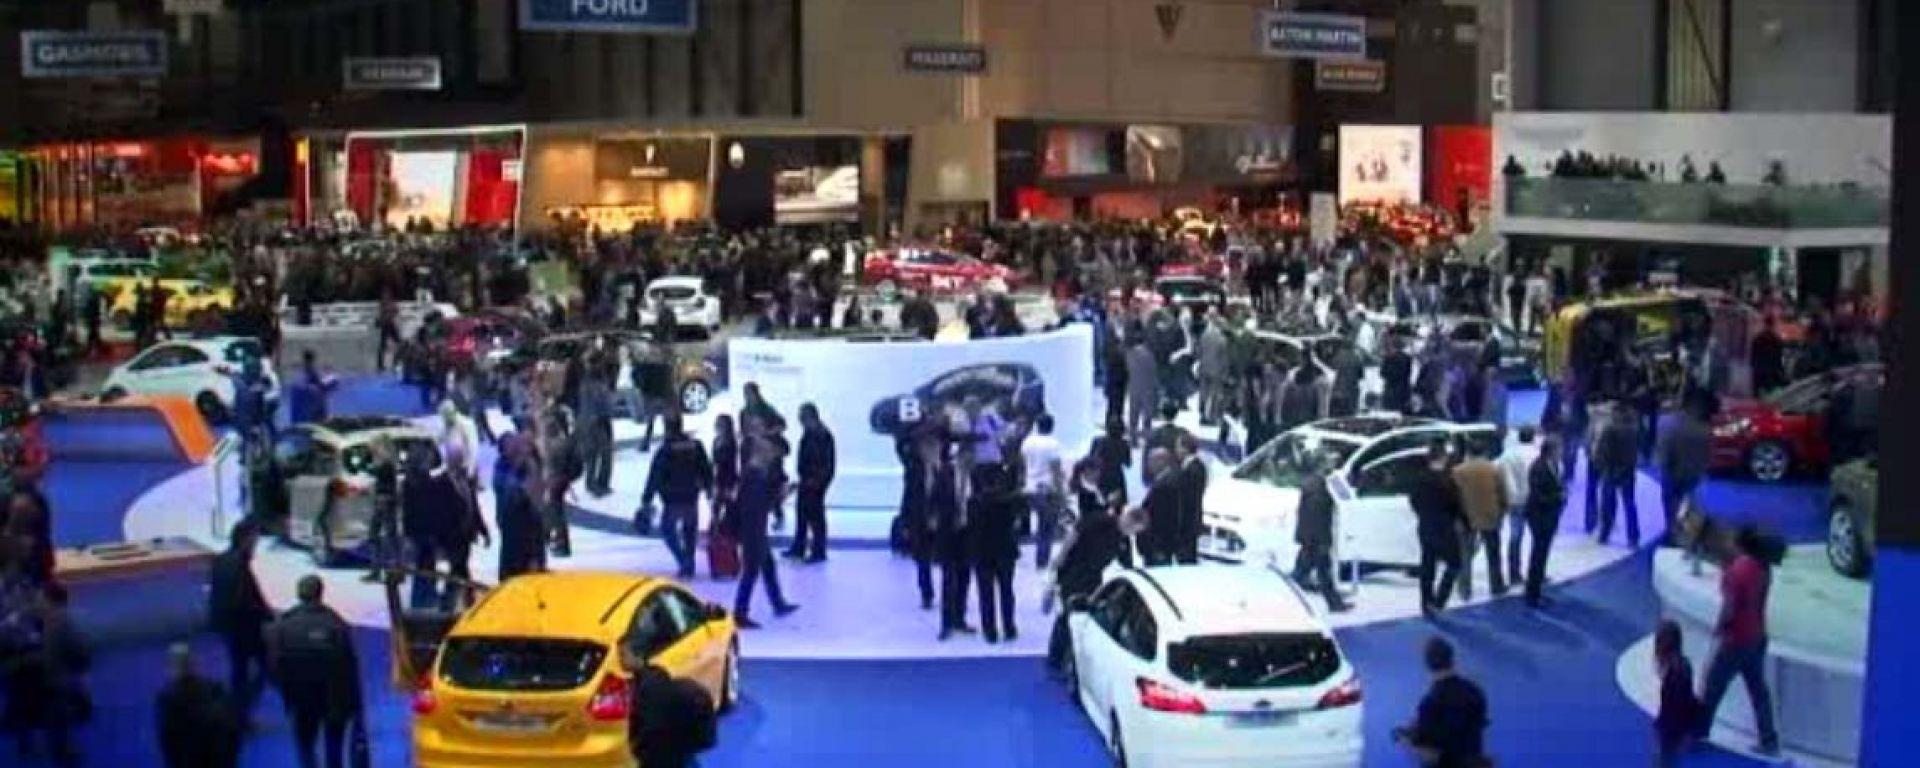 Salone di Ginevra 2012: il bilancio finale